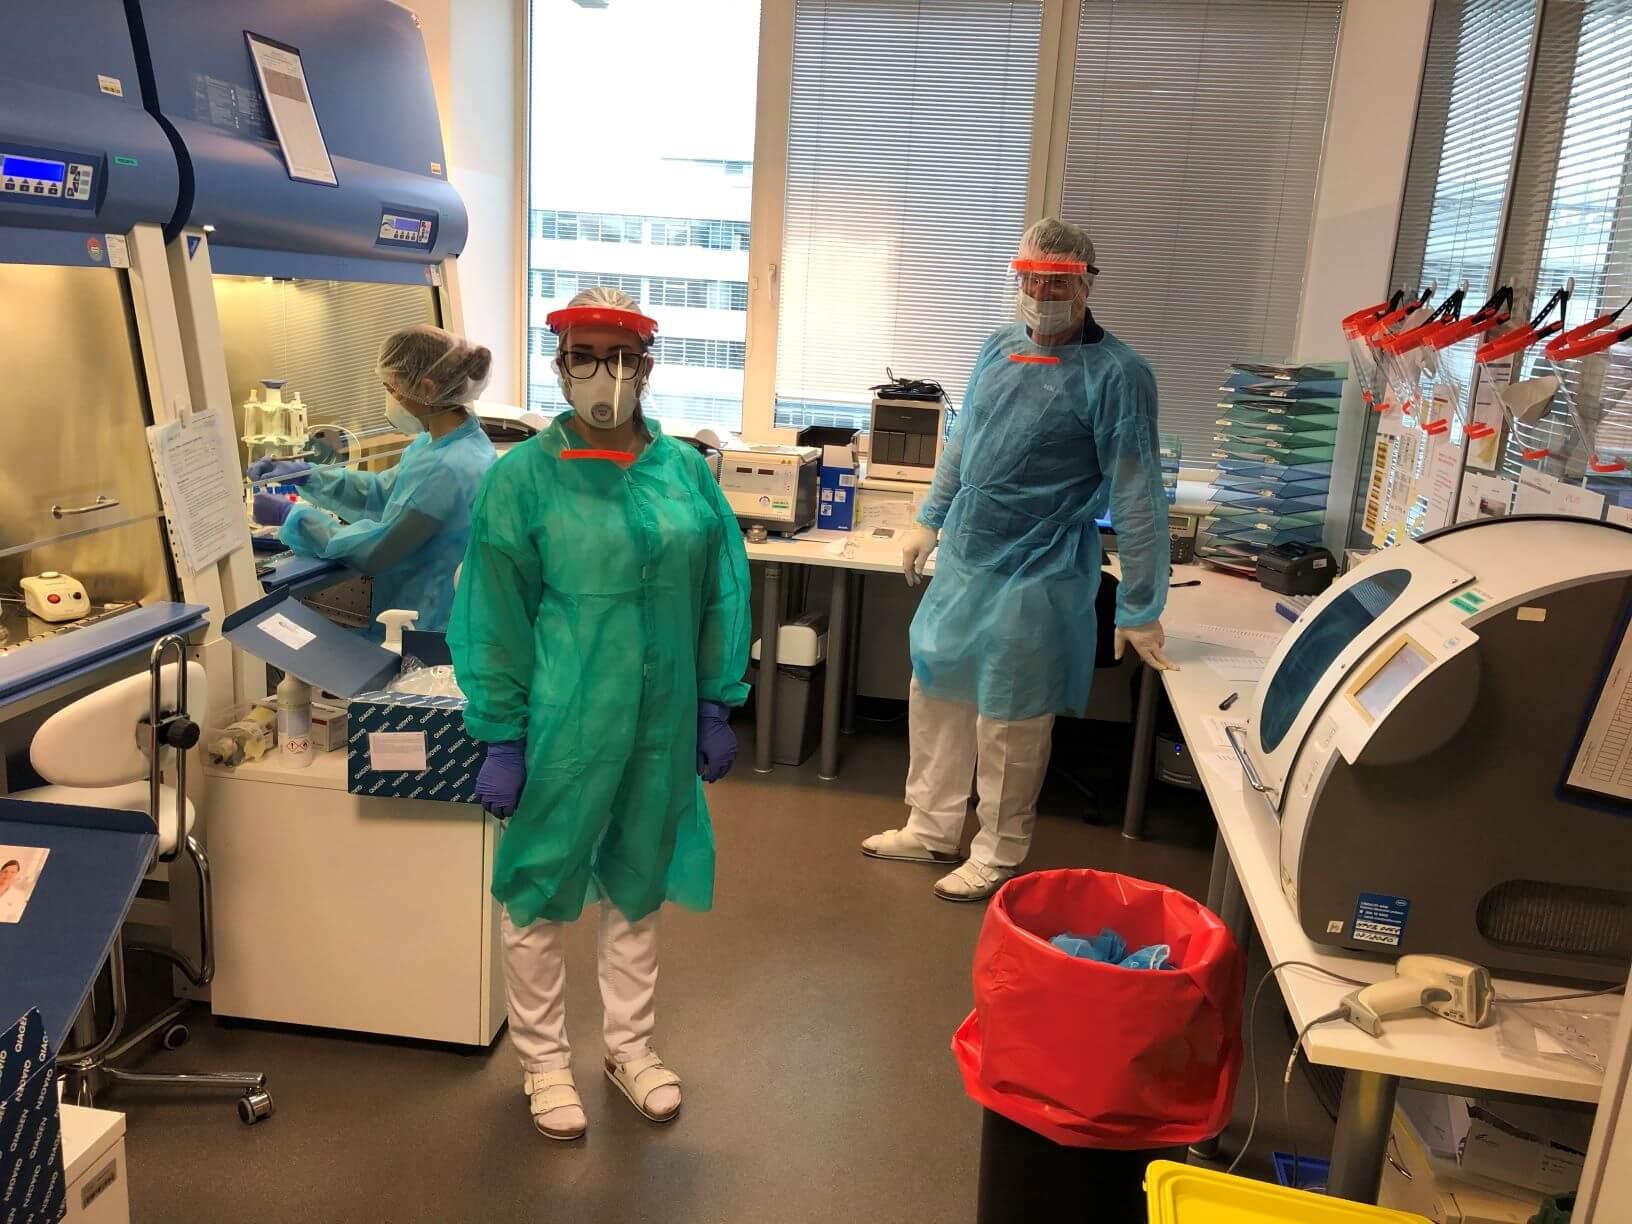 Virus SARS-CoV-2, dříve známý také jako wuchanský koronavirus, způsobil celosvětovou pandemii. Jeho hrozbu bereme vážně i v SYNLABu a protože se bez pořádného testování virus porazit nedá, zapojili jsme se do testování vzorků i my. V laboratořích CUBE na Evropské třídě v Praze Dejvicích jich denně zvládneme udělat až 700 a od poloviny března, kdy jsme s testováním začali, jich bylo už přes 10 tisíc.